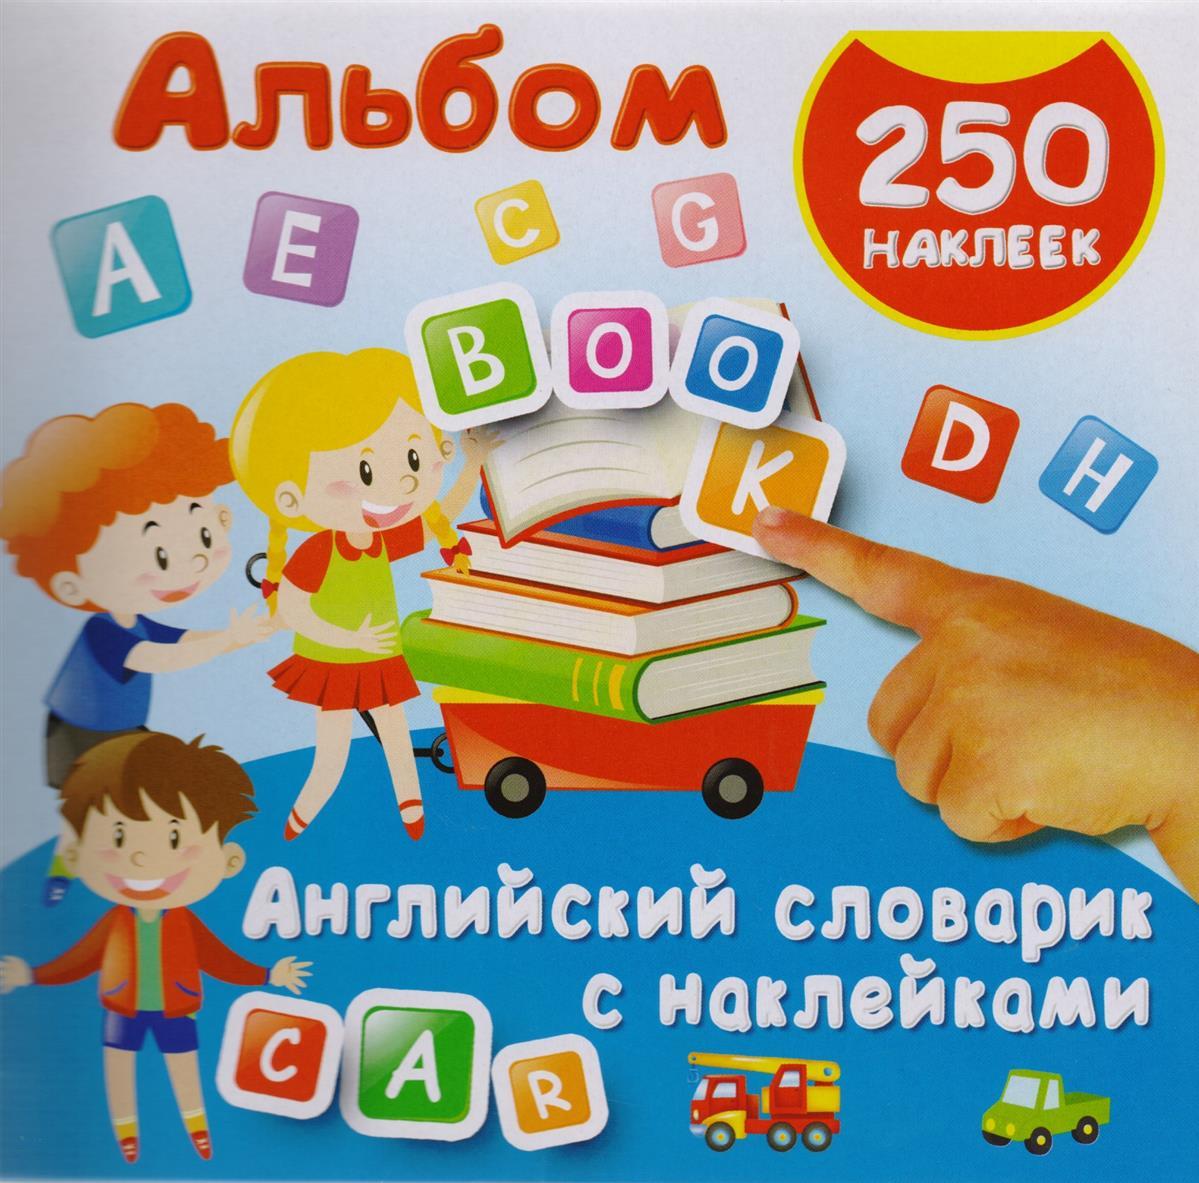 Английский словарик с наклейками. Альбом. 250 наклеек